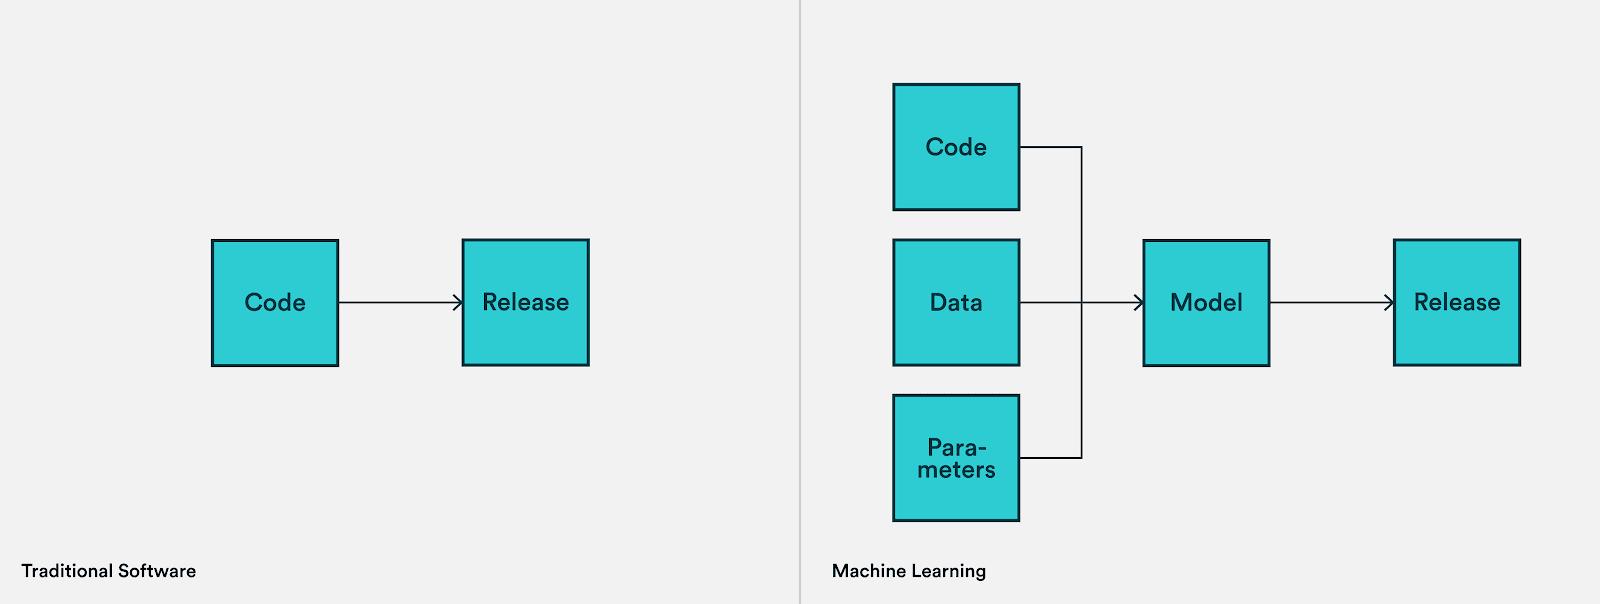 Чем отличаются версии программного обеспечения и машинного обучения?